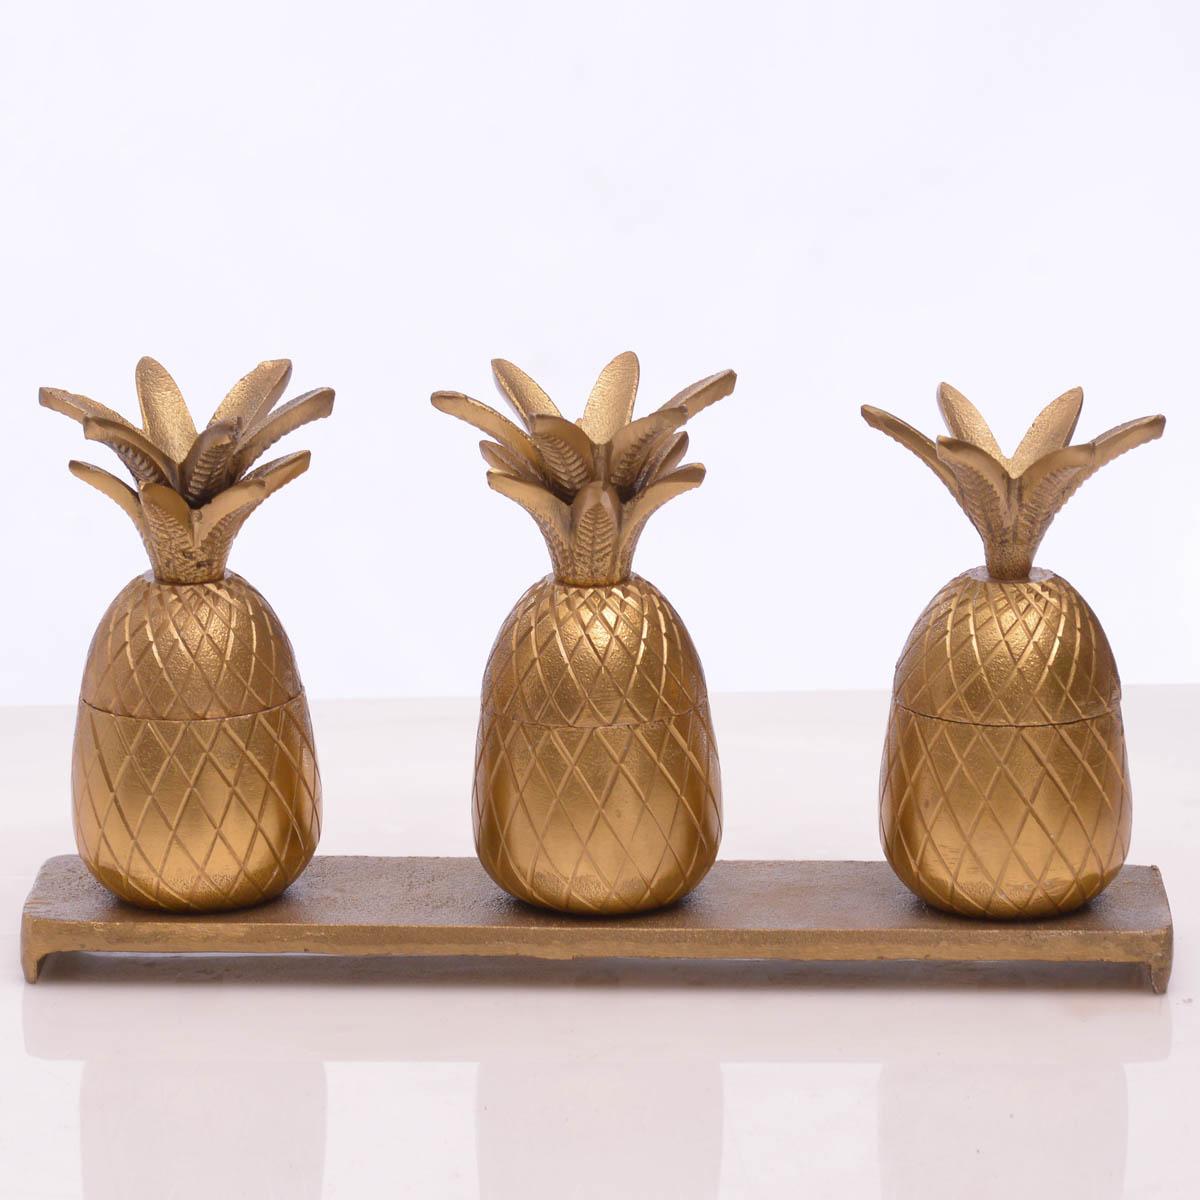 Juego de Piña Decorativa 3 Pzs C/Base dorado